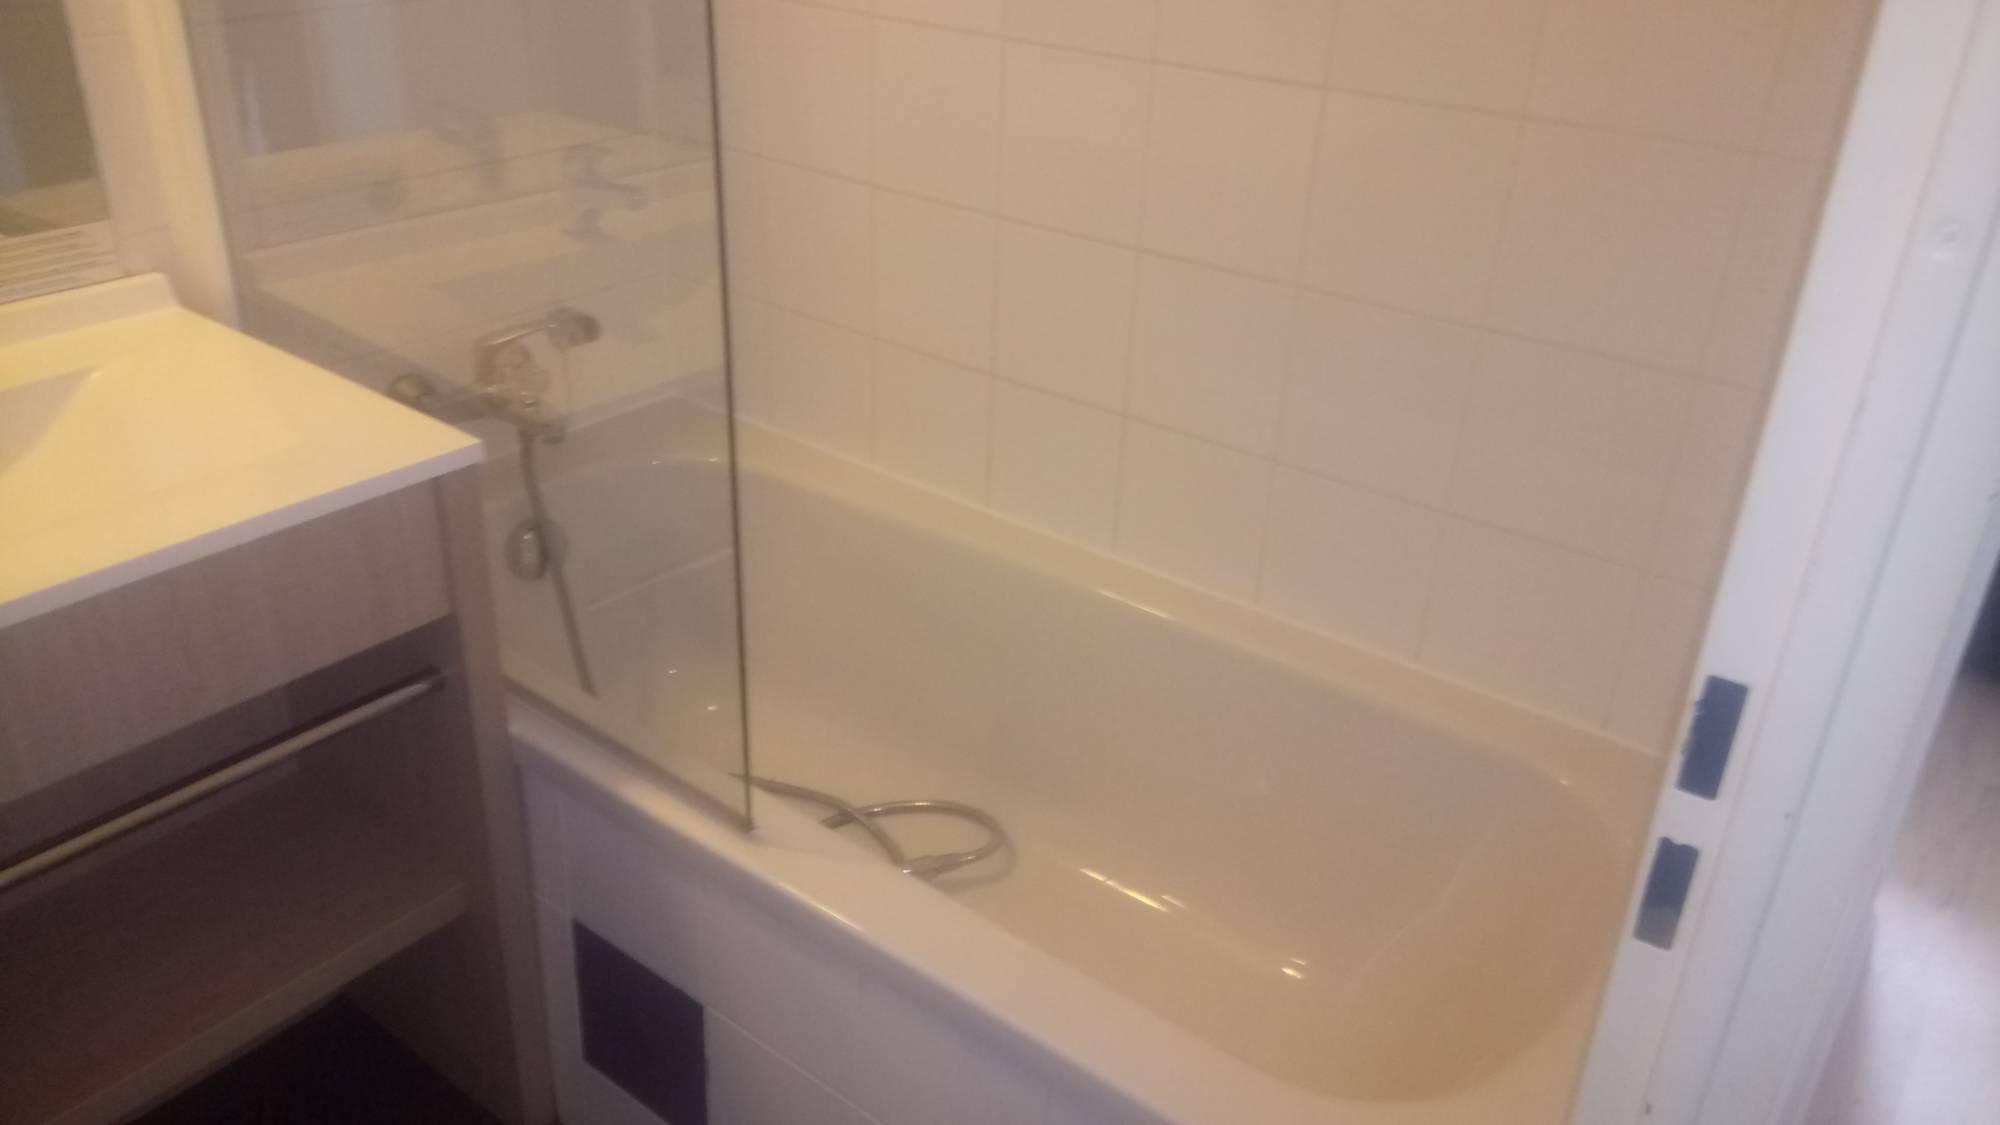 R novation baignoire avec coque encastrable paris renovbain for Baignoire non encastrable